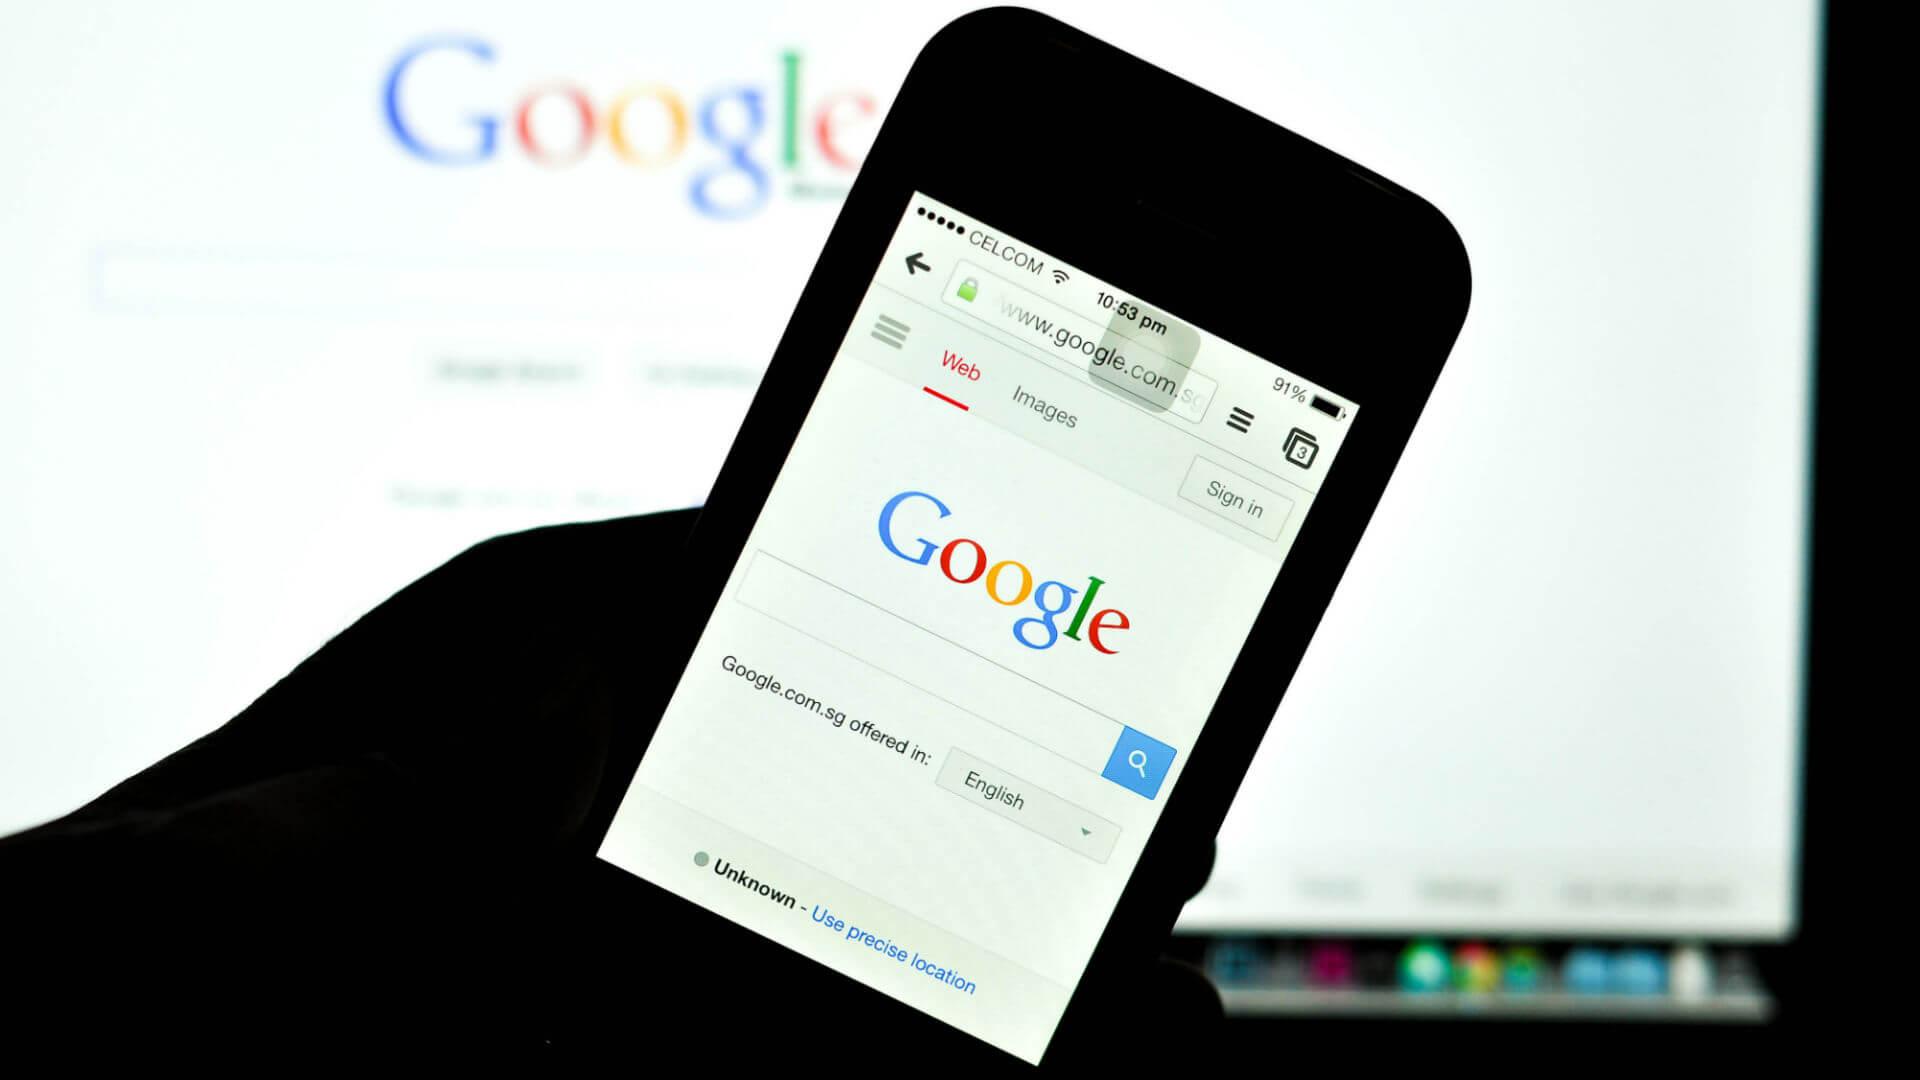 گوشی های هوشمند در سالیان گذشته به طور گسترده ای مورد استقبال همگان قرار گرفته اند و این موضوع باعث شده است که بیشتر فعالیت های اینترنتی نیز از طریق همین دستگاه ها انجام گیرد، هر نوع فعالیت آنلاینی که برای رشد کسب و کار خود انجام میدهید باید به طور قابل قبولی با محیط گوشی های همراه تطابق داشته باشد، به عبارت دیگر مثلا سایت شما باید در مرورگر های گوشی های همره به راحتی قابل استفاده باشد که در غیر این صورت به سرعت مخاطبین بالقوه خود را از دست خواهید داد.